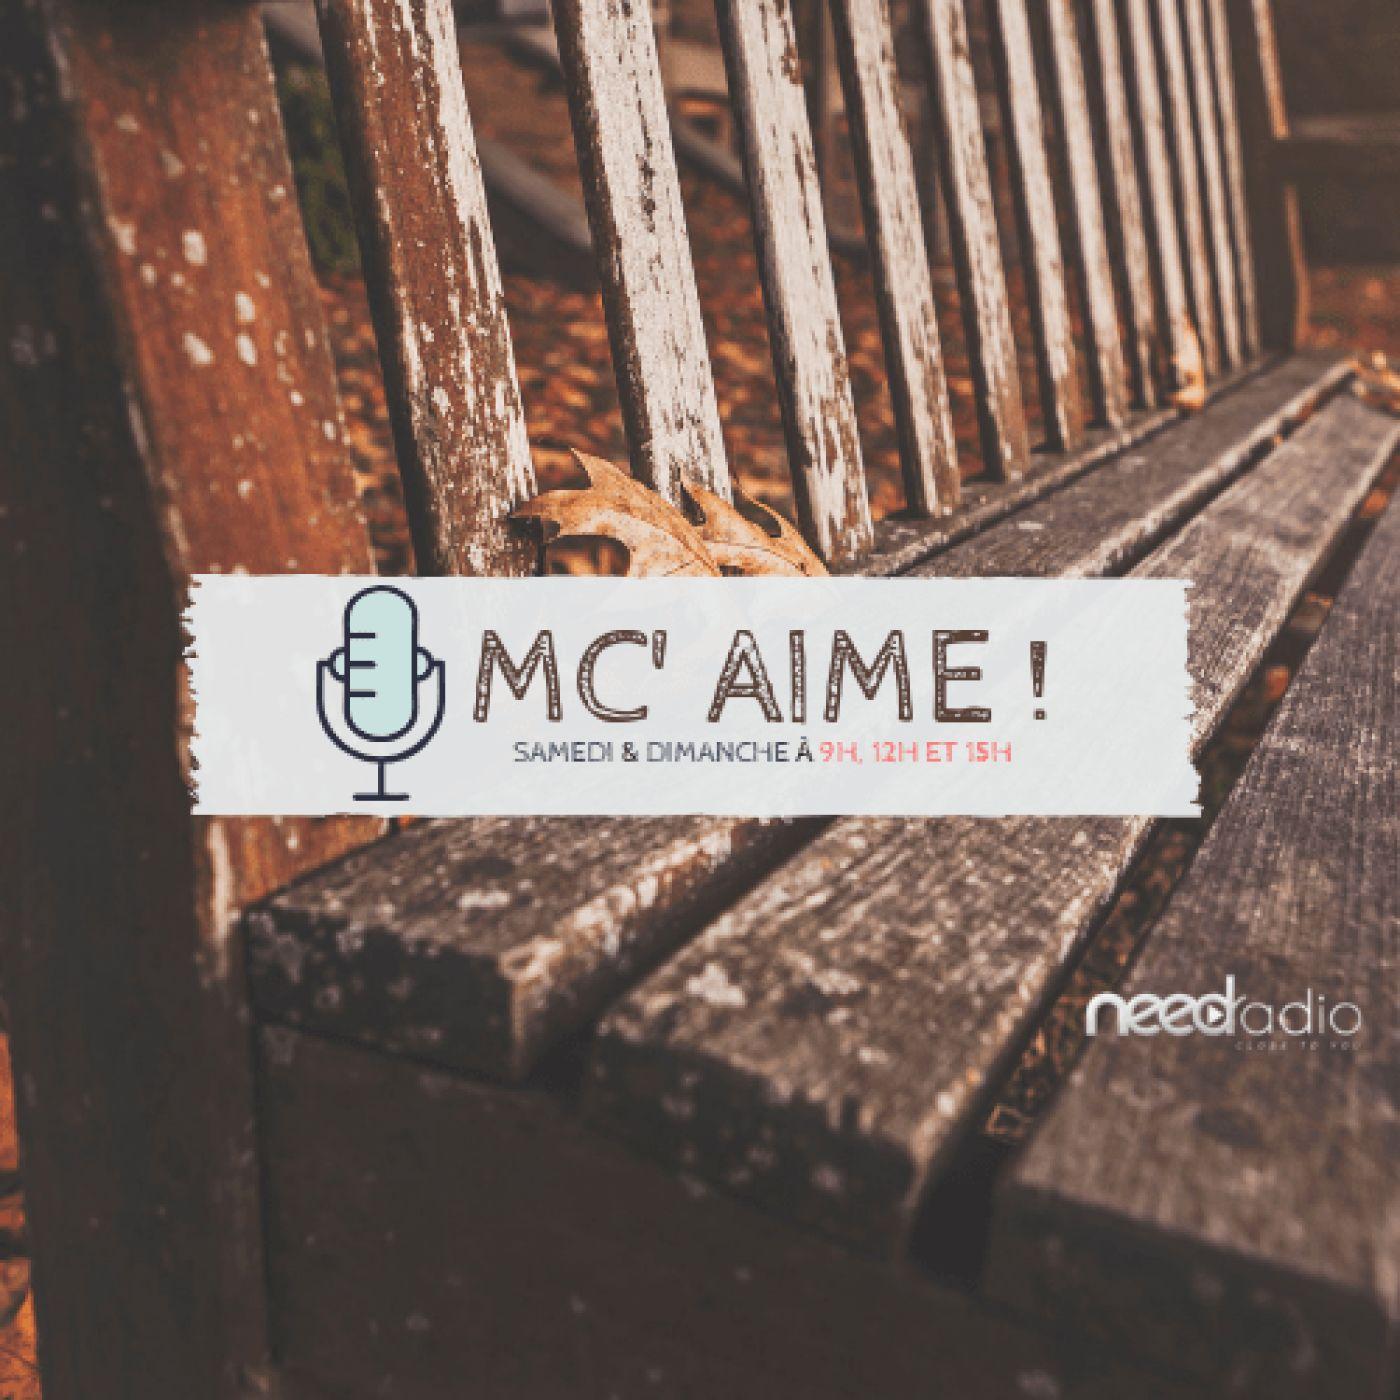 MC' Aime - Les films de Claude Lelouch (08/06/19)